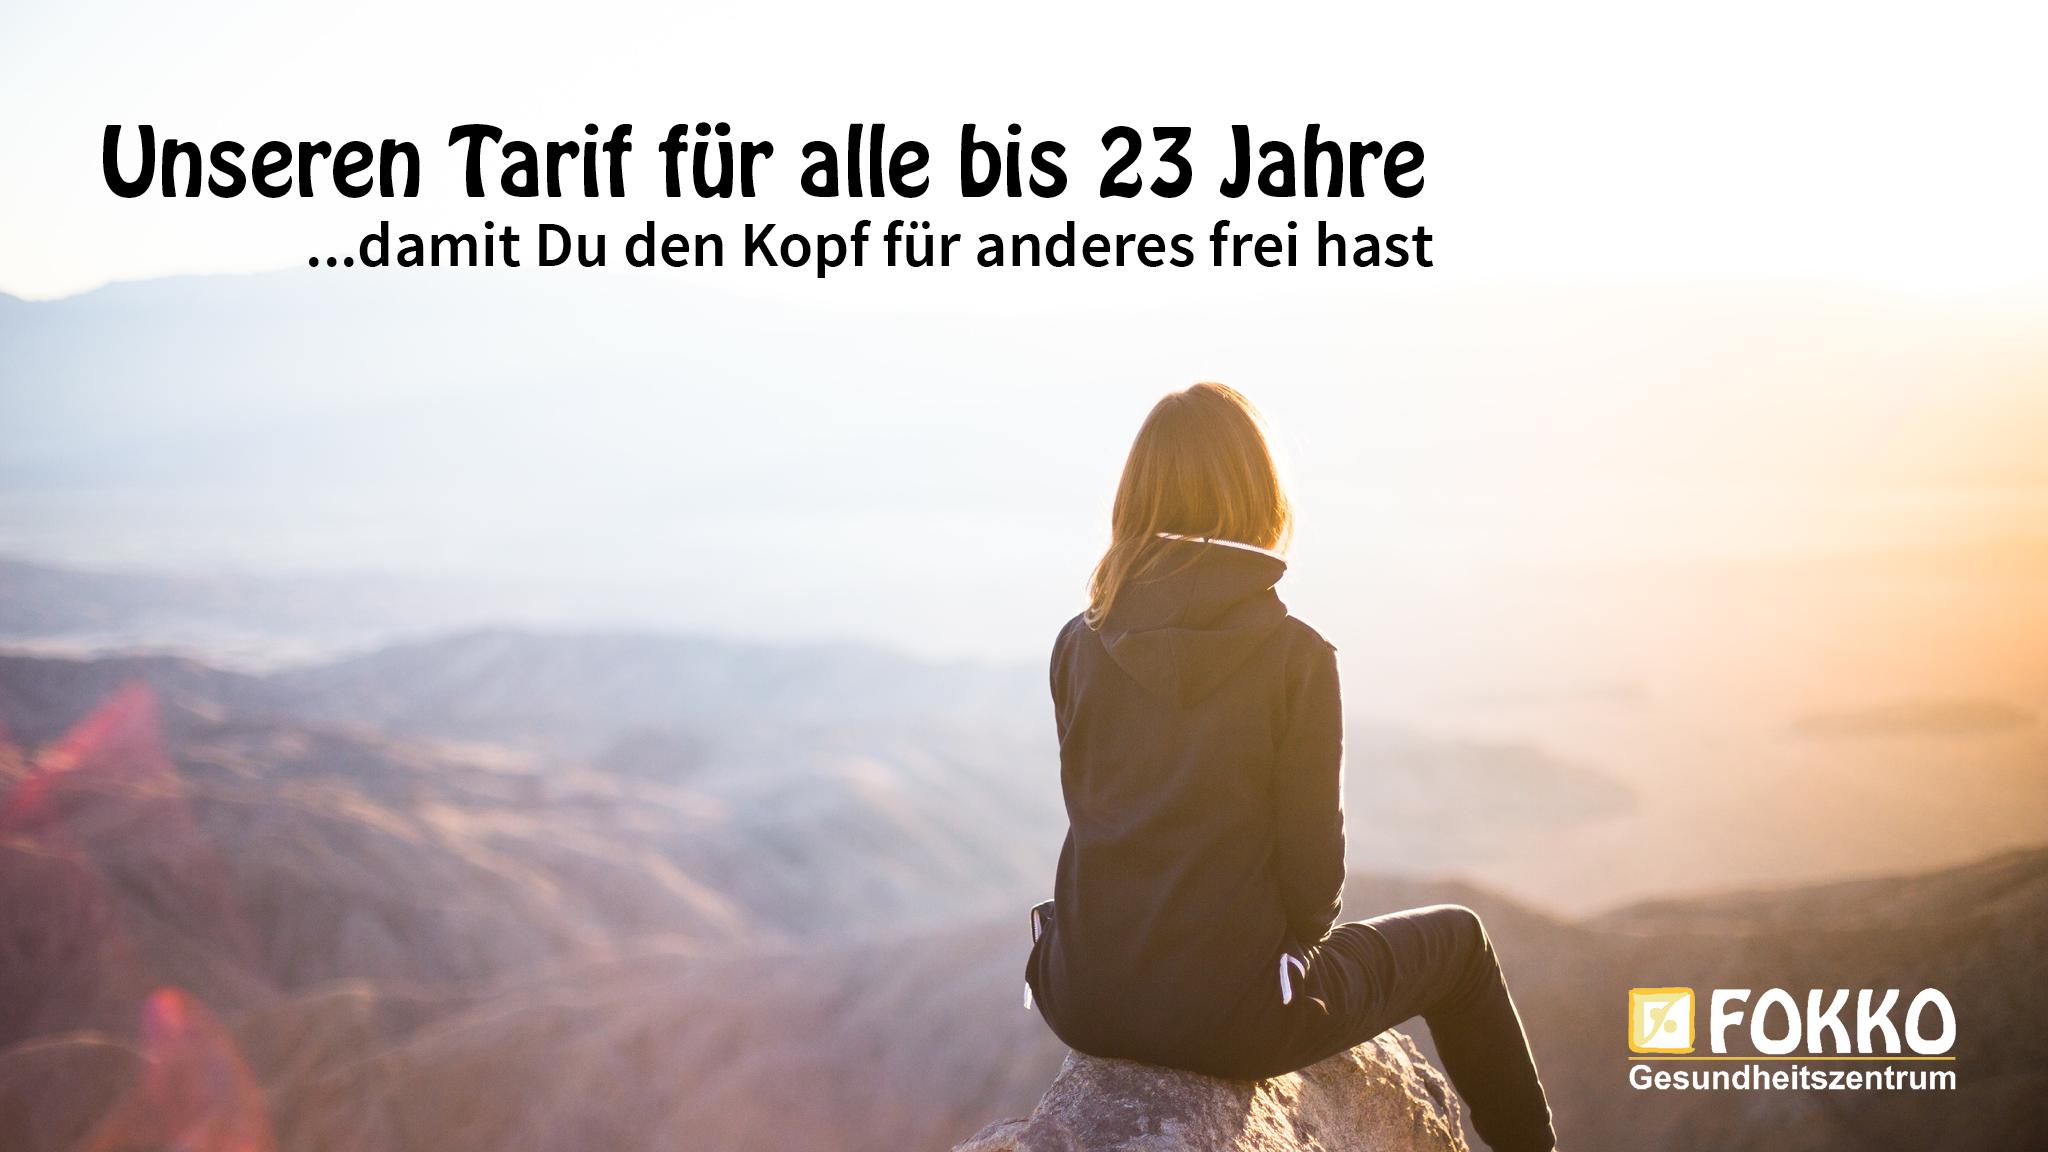 Unseren Junge-Leute-Tarif gibt es für alle, die unter 23 Jahre alt sind. Ihr bezahlt bei einer Laufzeit von 6 Monaten 19,90€/Monat für Geräte- oder Kurstraining und 24,90€/Monat für das All-in Abo. Bei einer Laufzeit von 12 Monaten reduzieren sich die Kosten auf 14,90€/Monat bzw. 19,90€/Monat. Es fällt einmalig eine Bearbeitungsgebühr von 49,00€ an, in der bereits ein Vitalcheck enthalten ist.